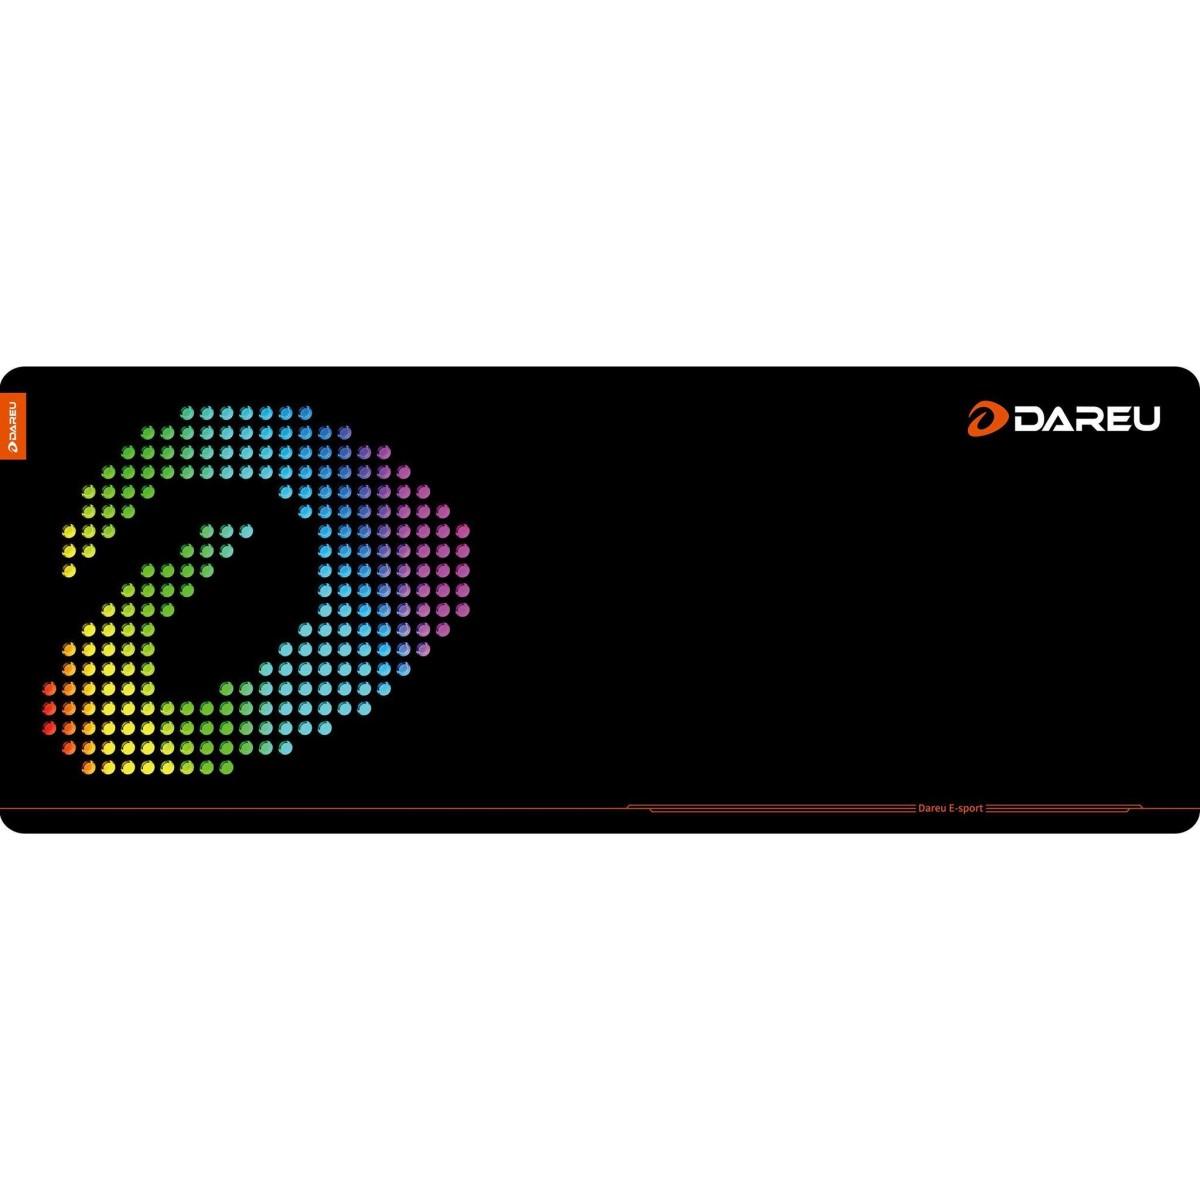 Bàn di chuột Dareu ESP109 900x350x3mm - Hàng chính hãng